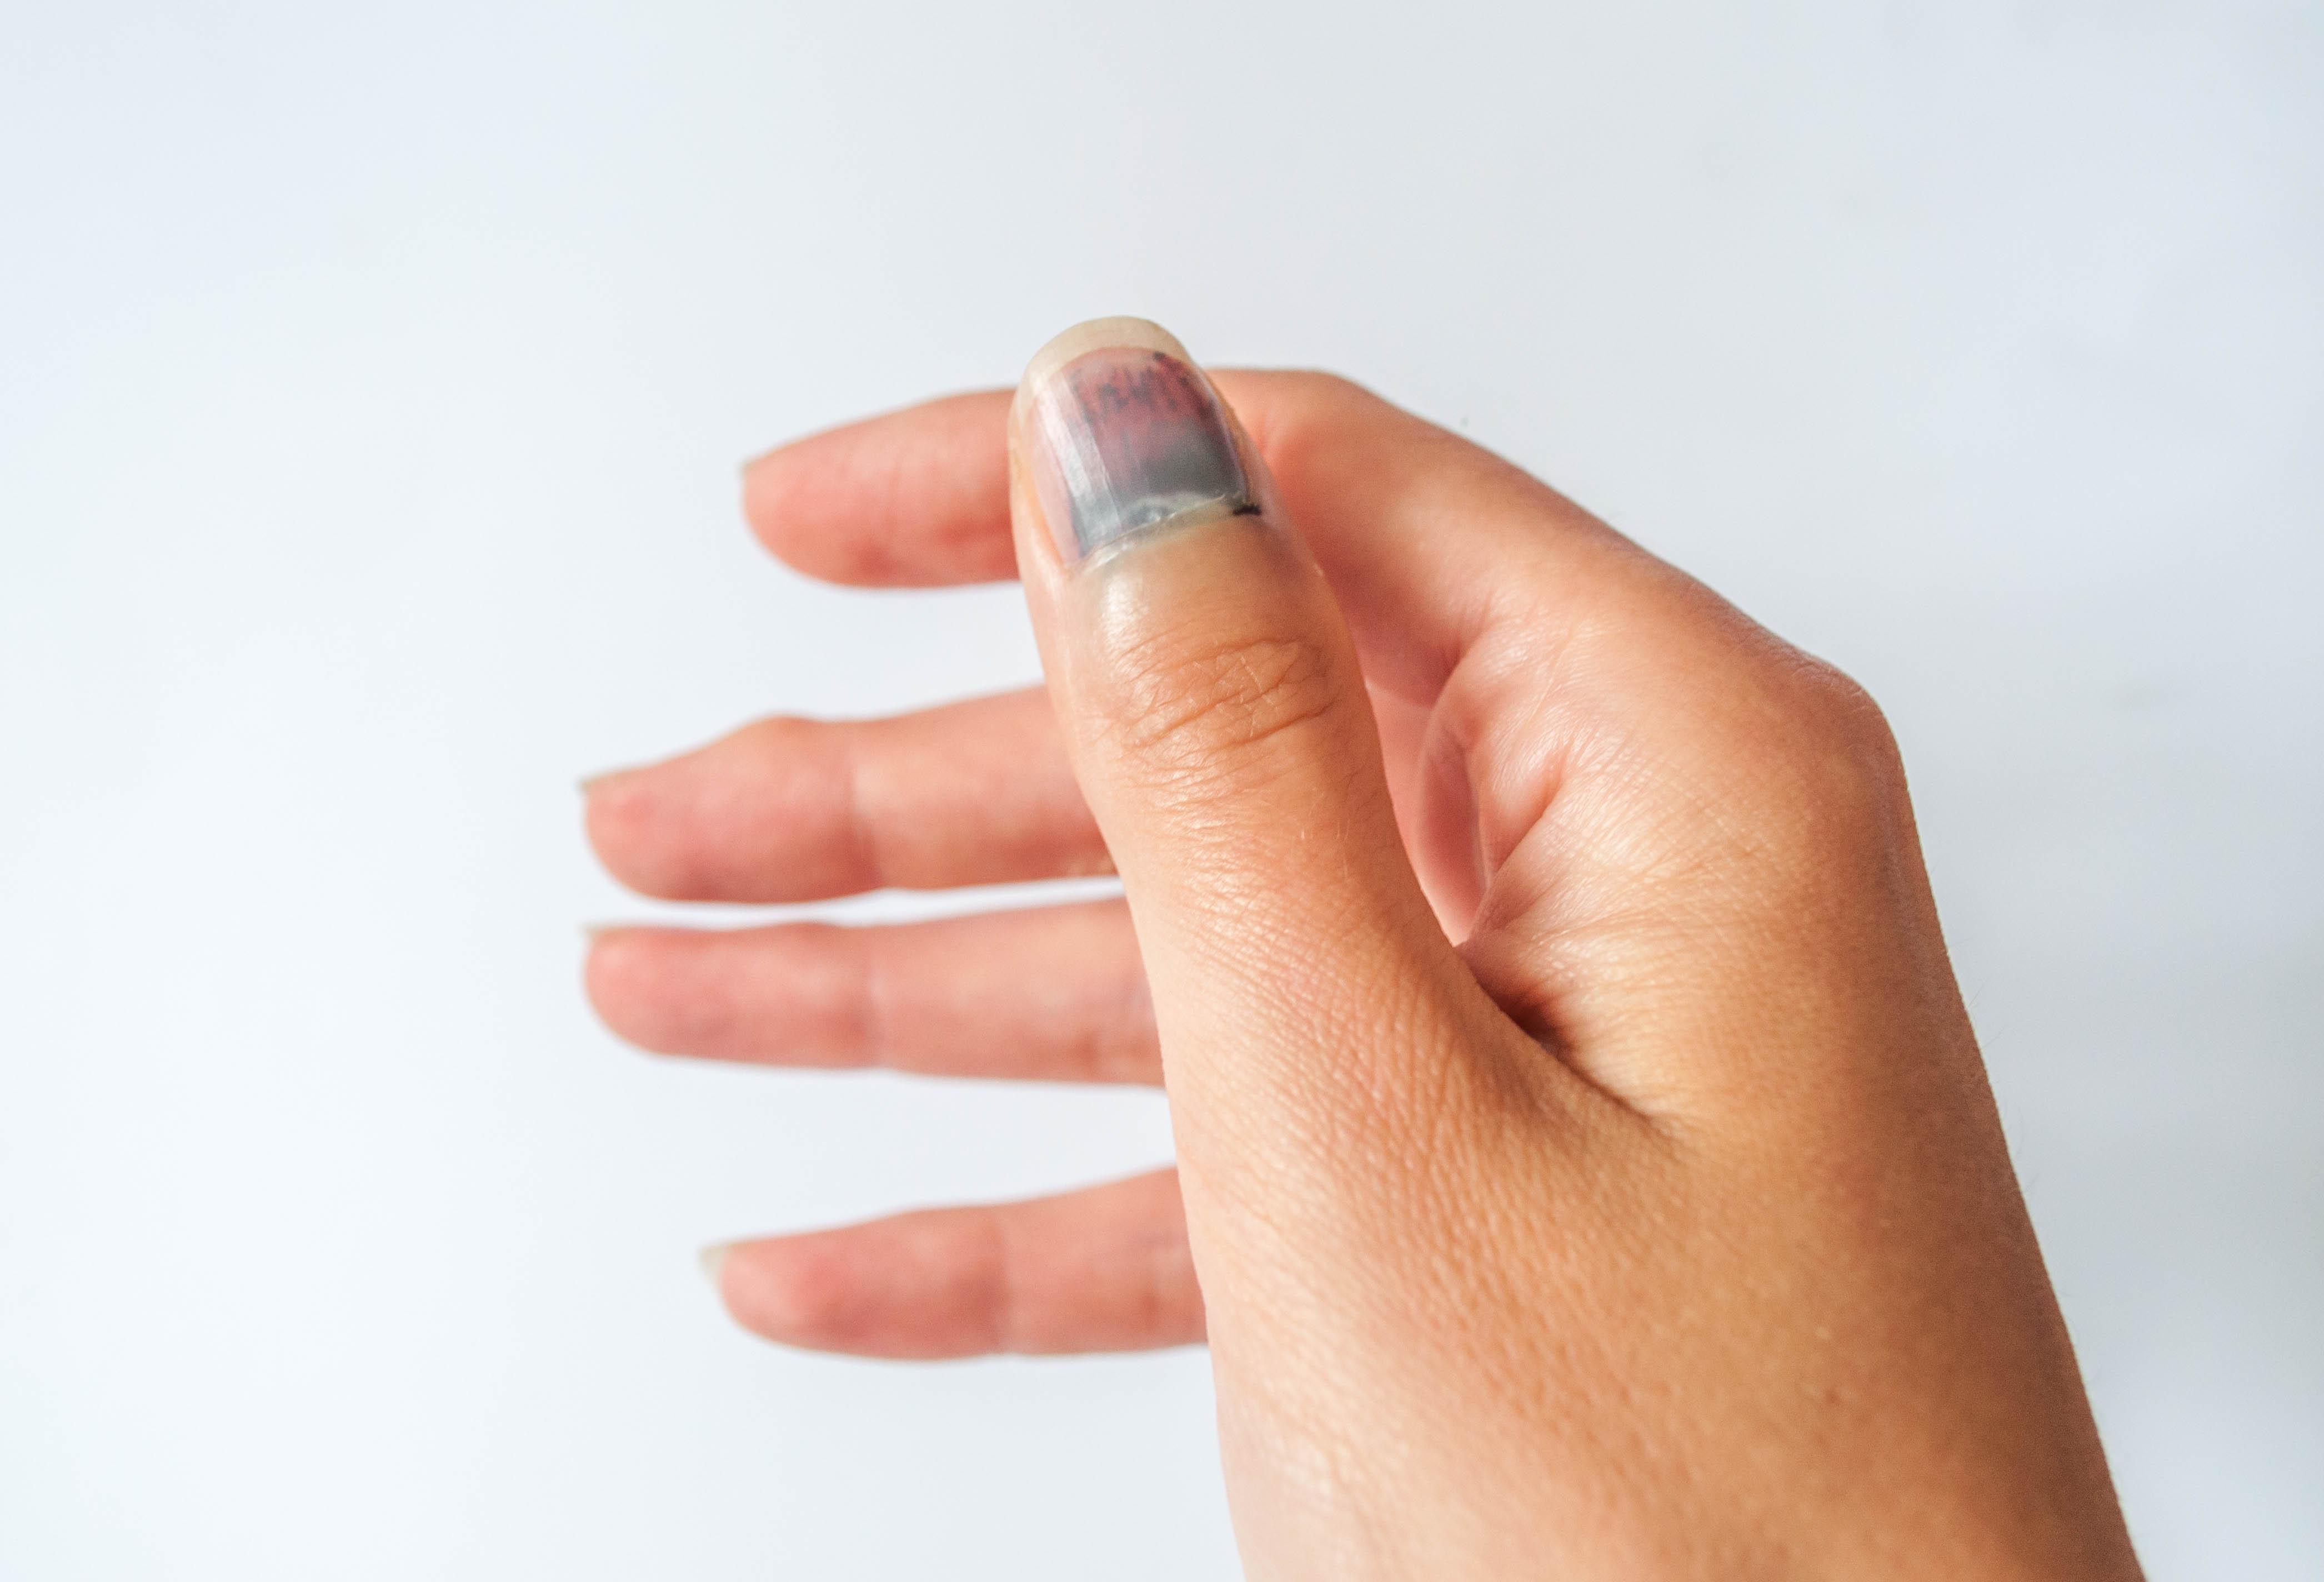 Det är inte ovanligt att nageln, vid blå nagel, lossnar från huden efter ett par veckor.